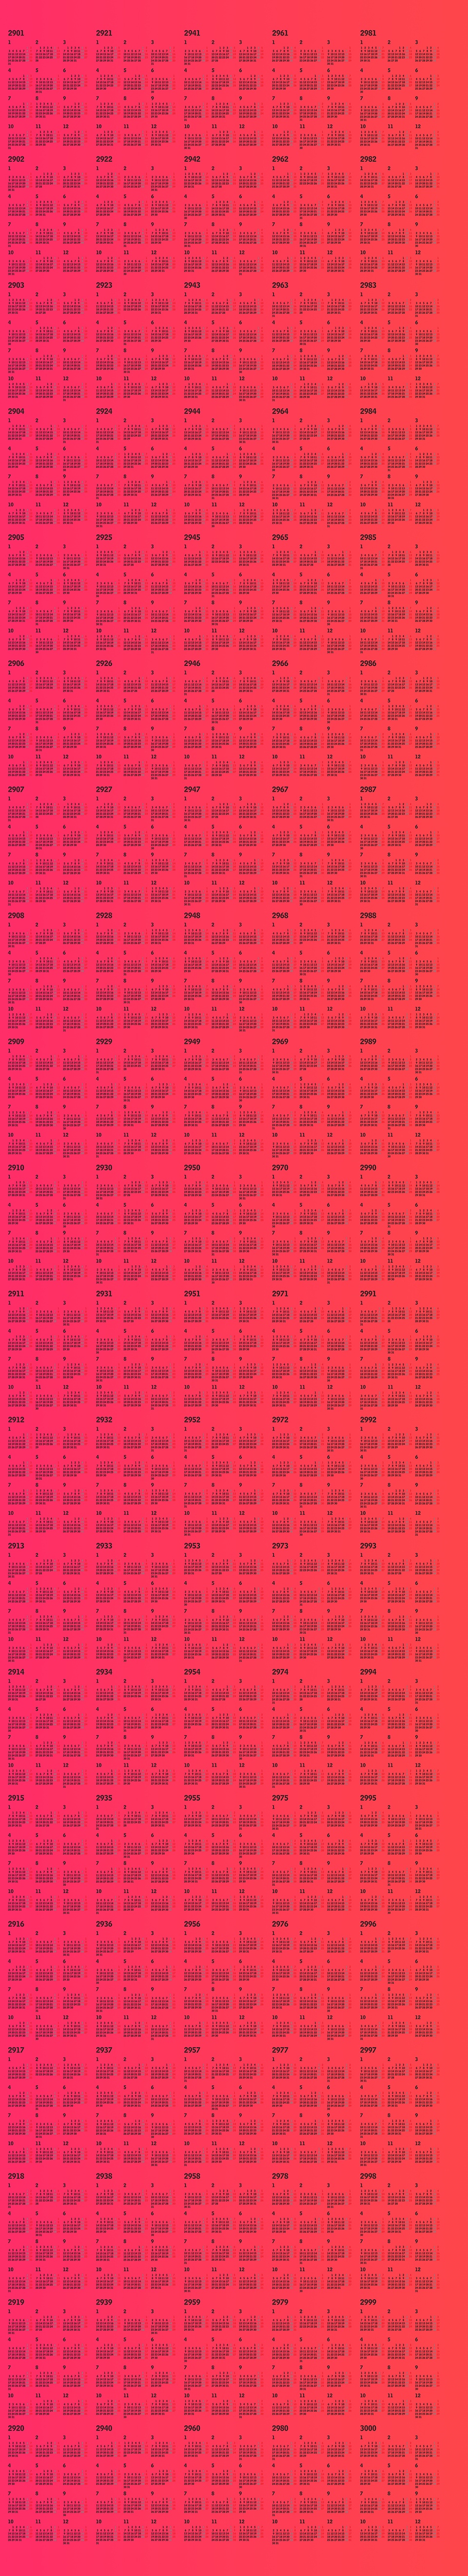 1200_Years_Calendar_1801y-3000y_1200x2400mm_20200220_Right.jpg